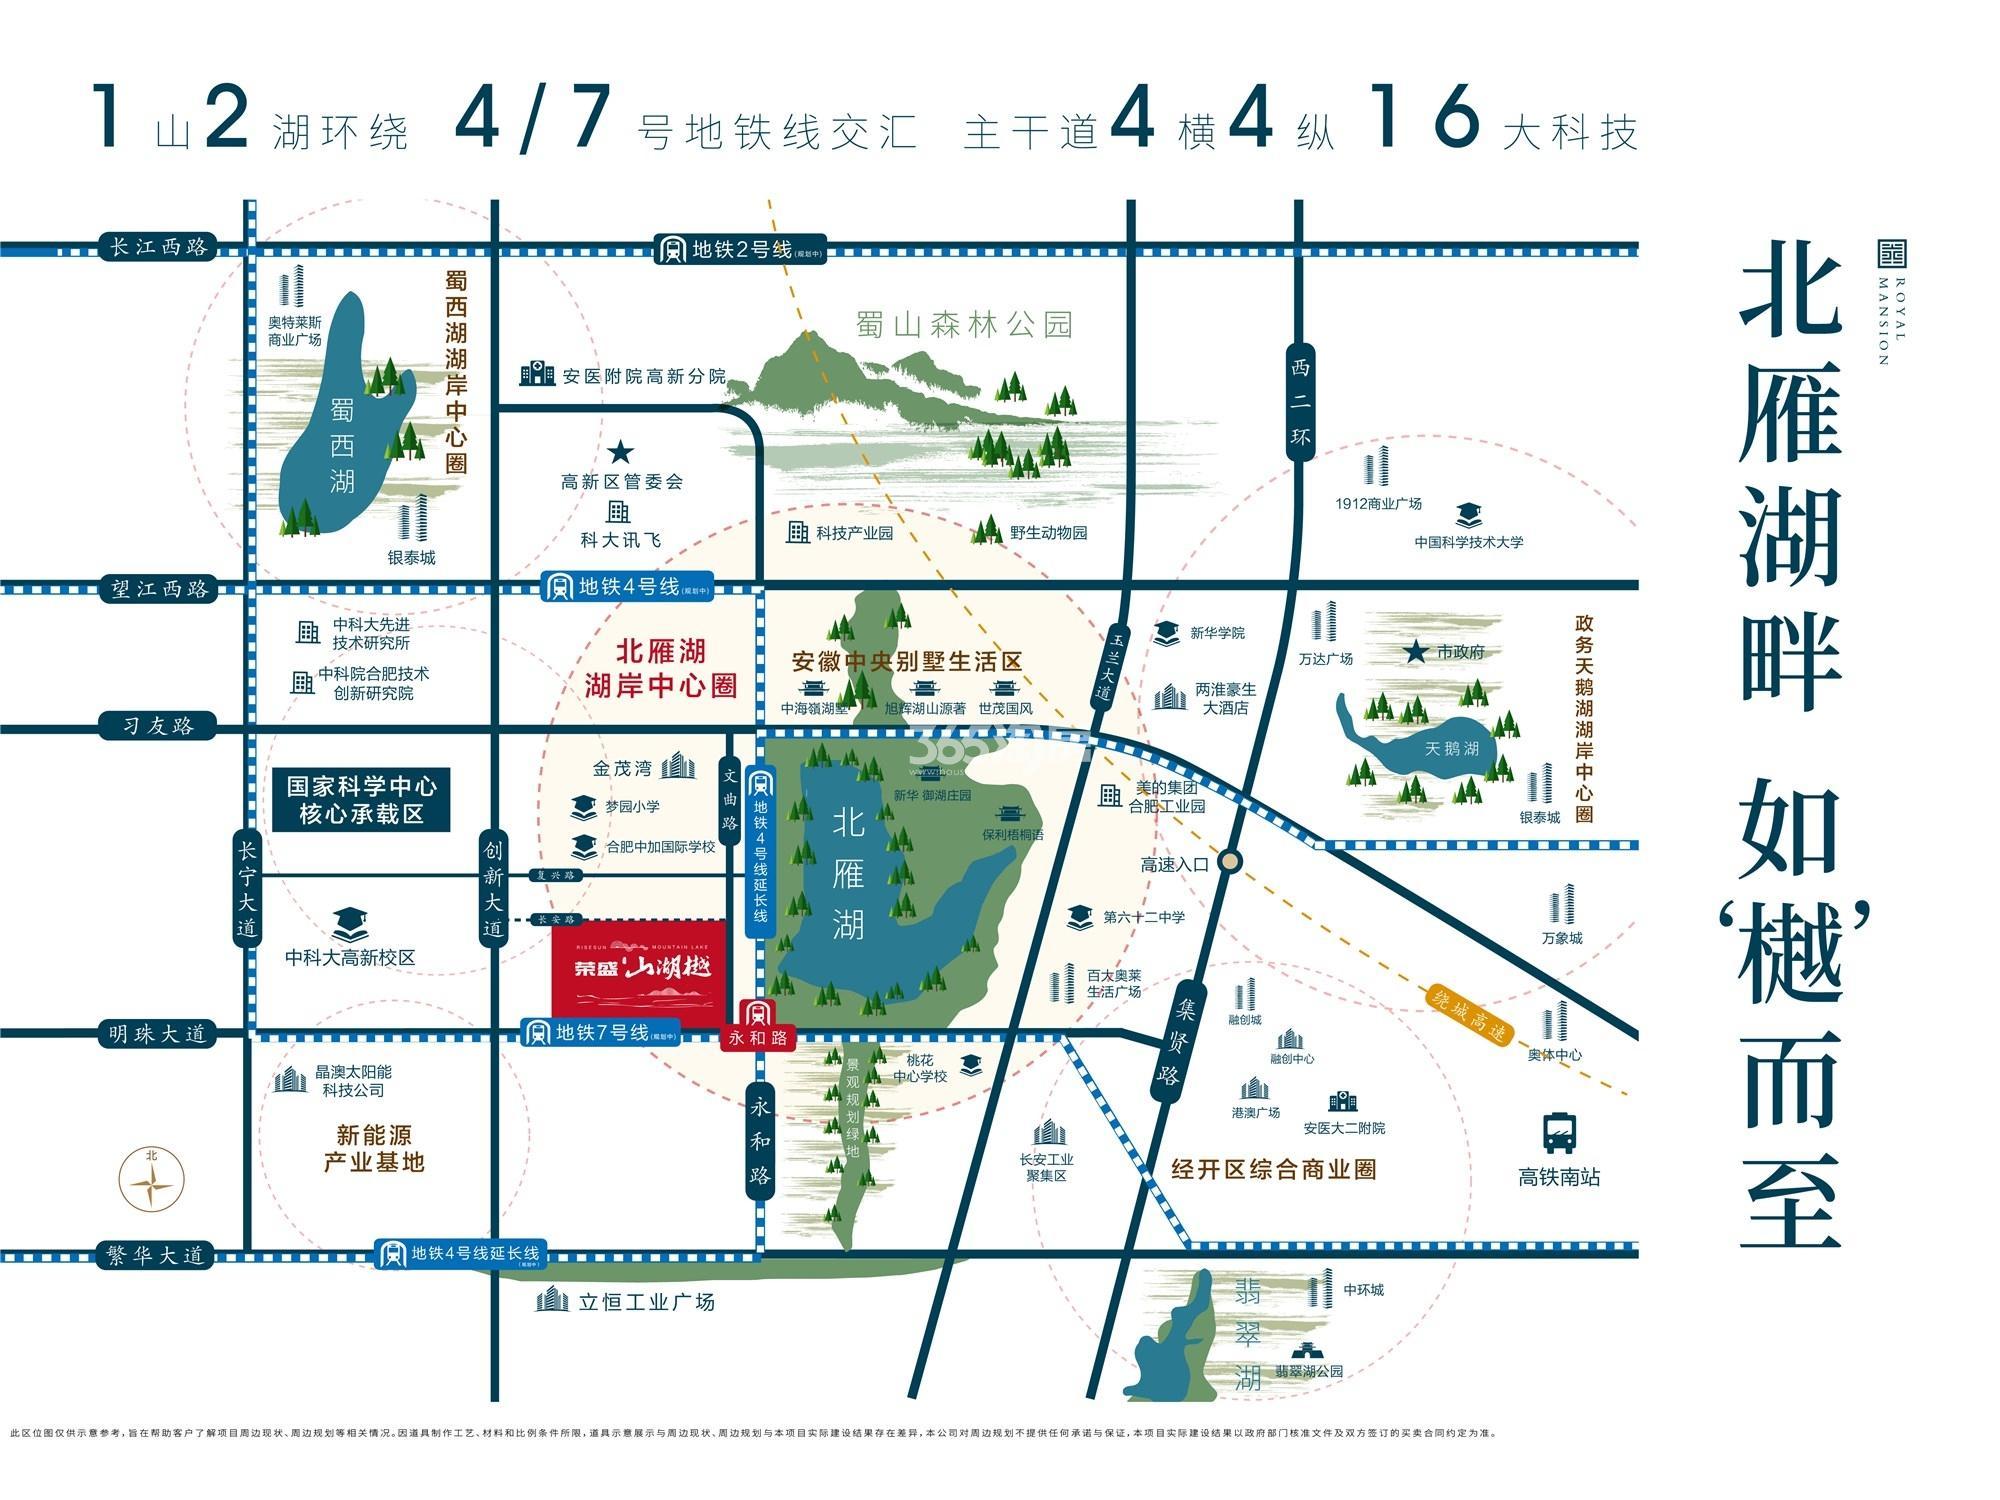 荣盛山湖樾交通图